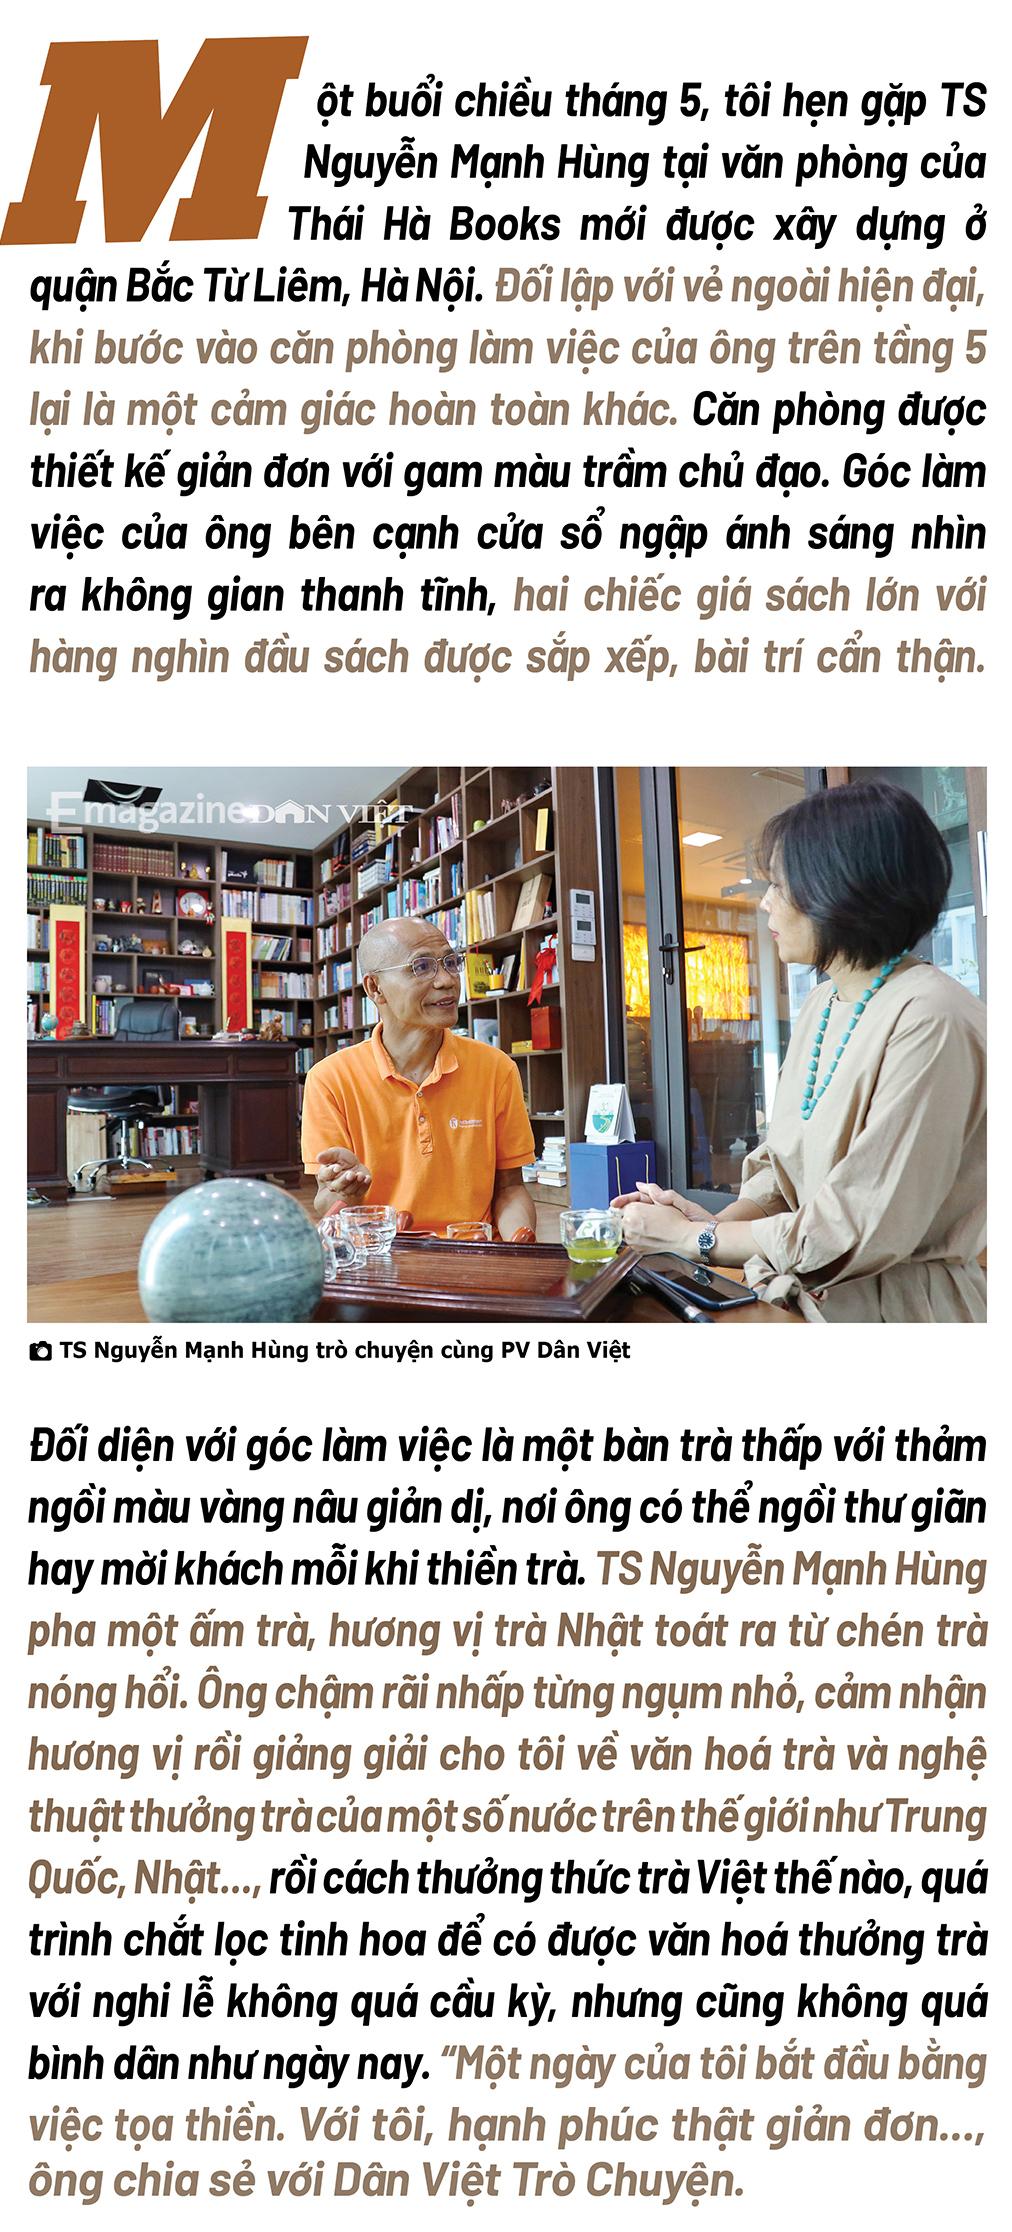 """Đại gia đi tu Nguyễn Mạnh Hùng: """"Nhiều người giàu có, nổi tiếng, thành đạt luôn bất an, tôi trải qua nên biết điều đó"""" - Ảnh 1."""